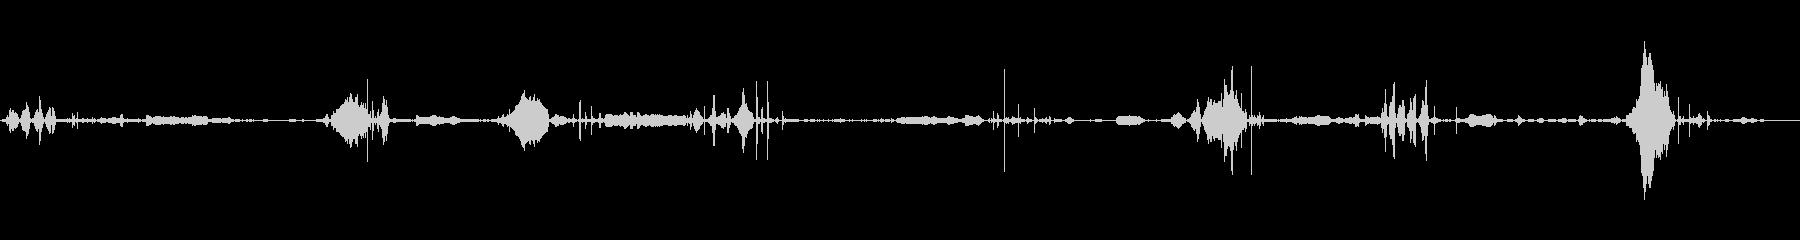 ブラックベア:スニッフィング、リッ...の未再生の波形